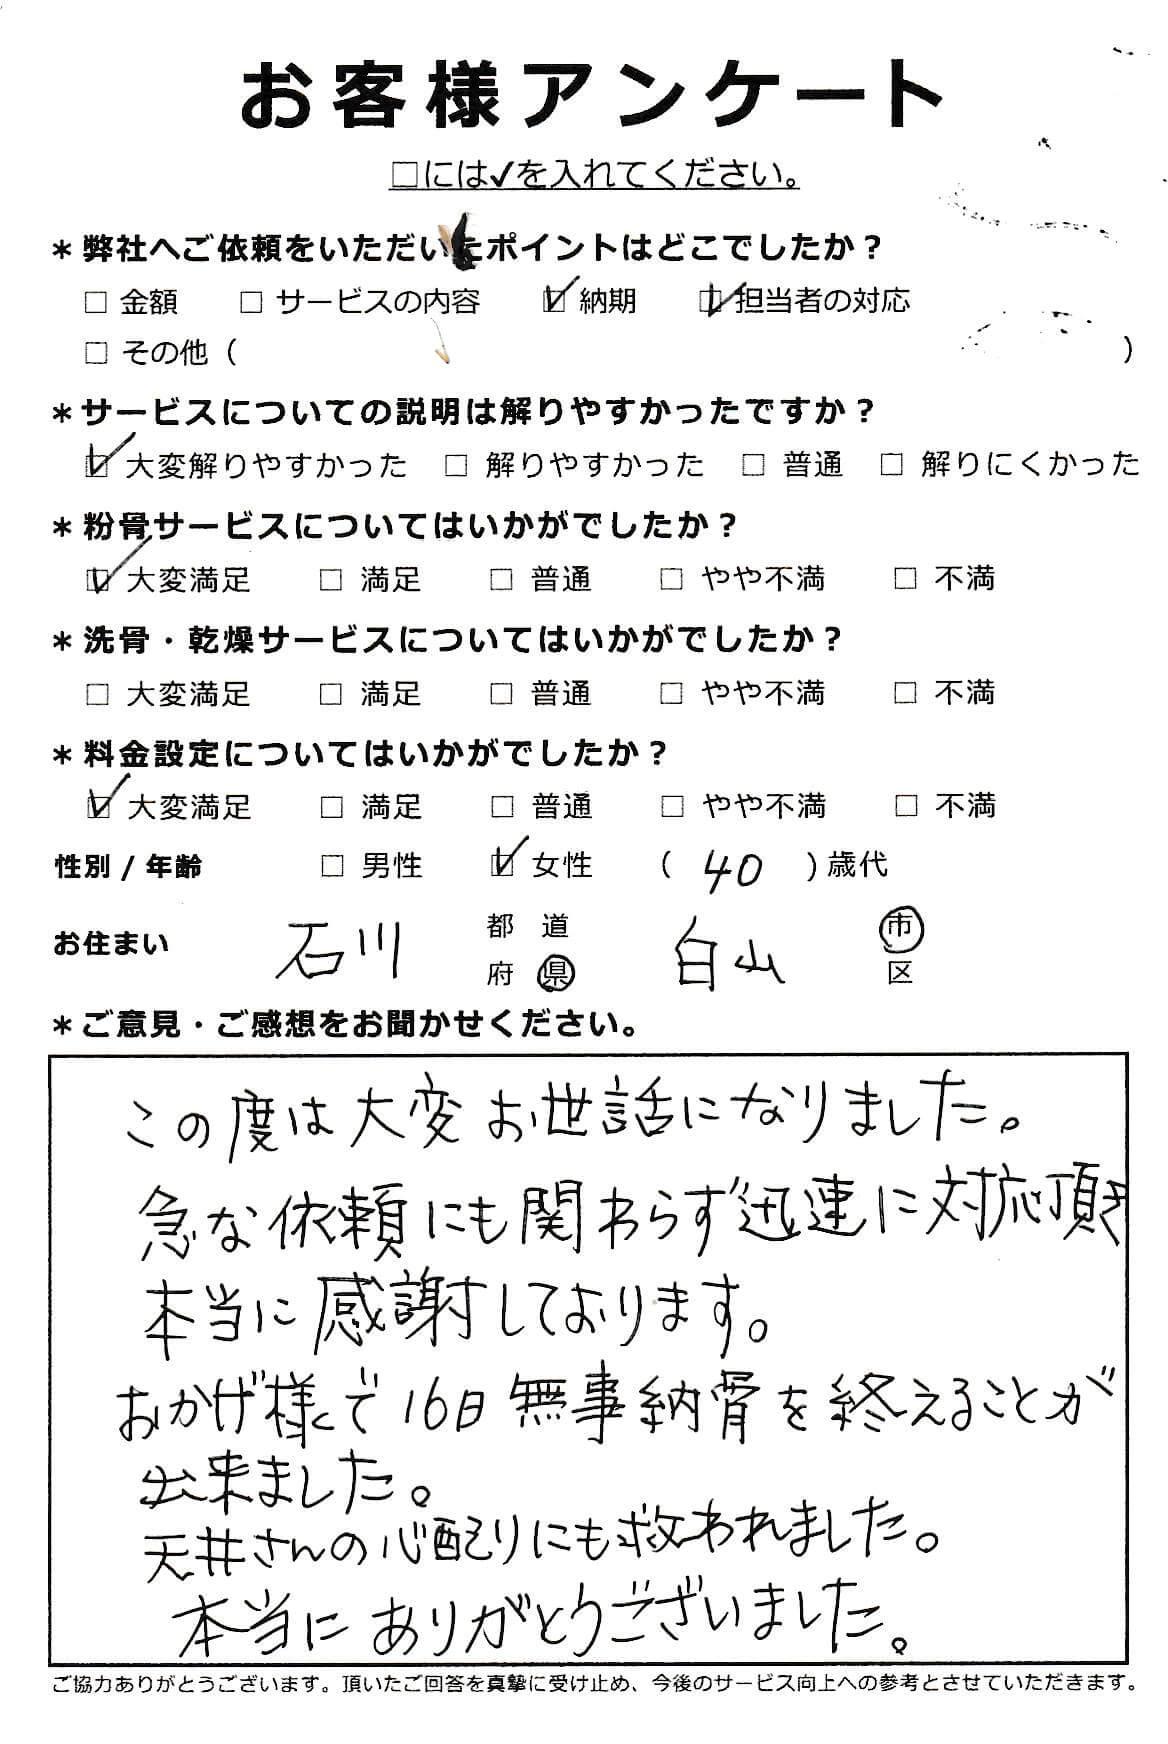 石川県白山市での粉骨サービス